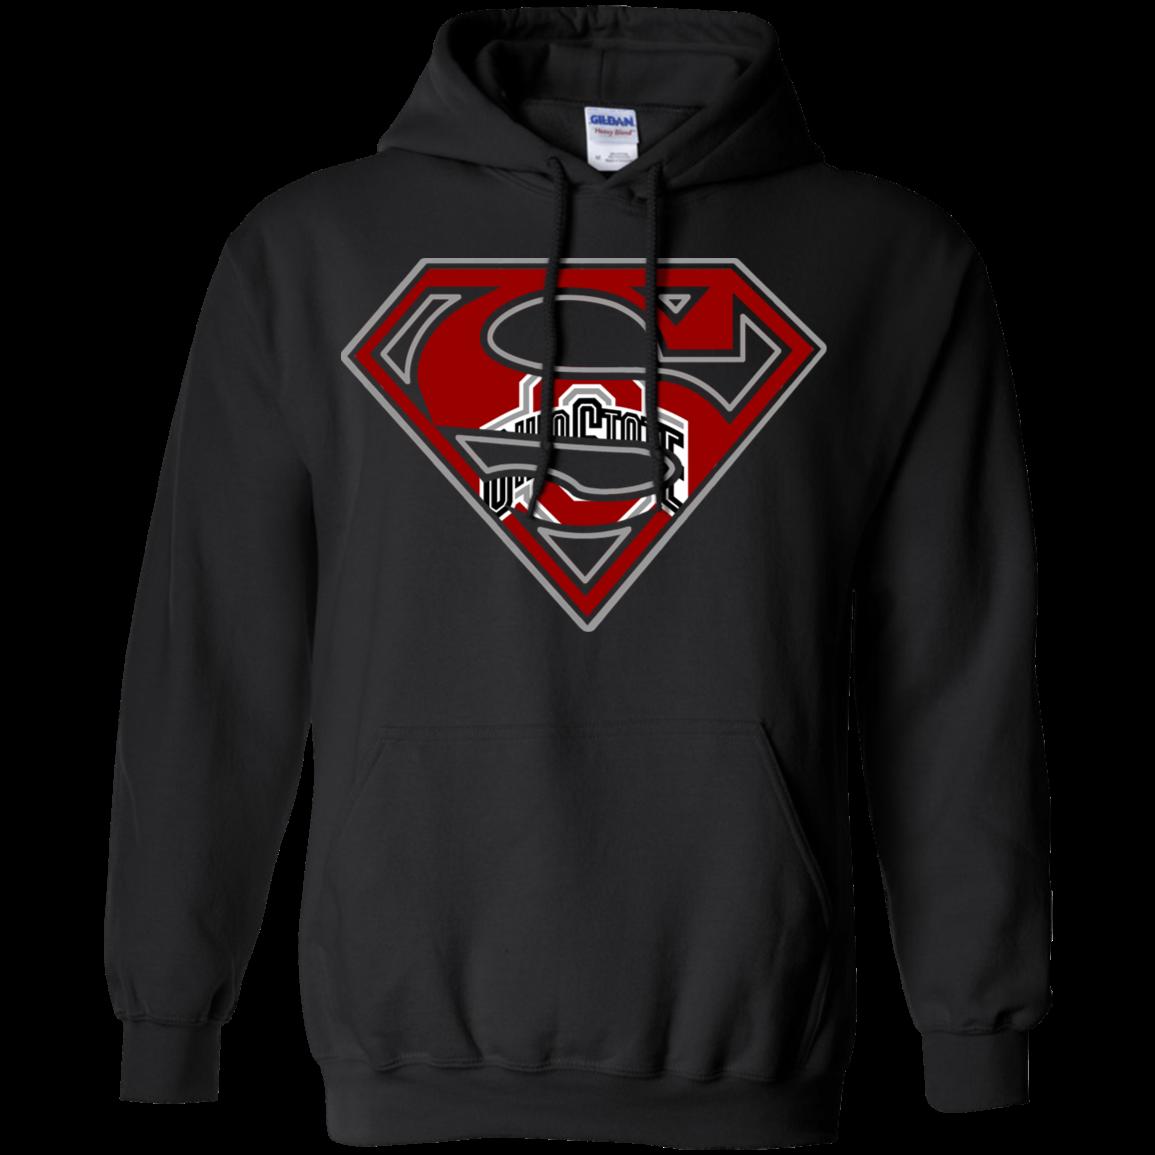 Ohio State Buckeyes Superman Shirt